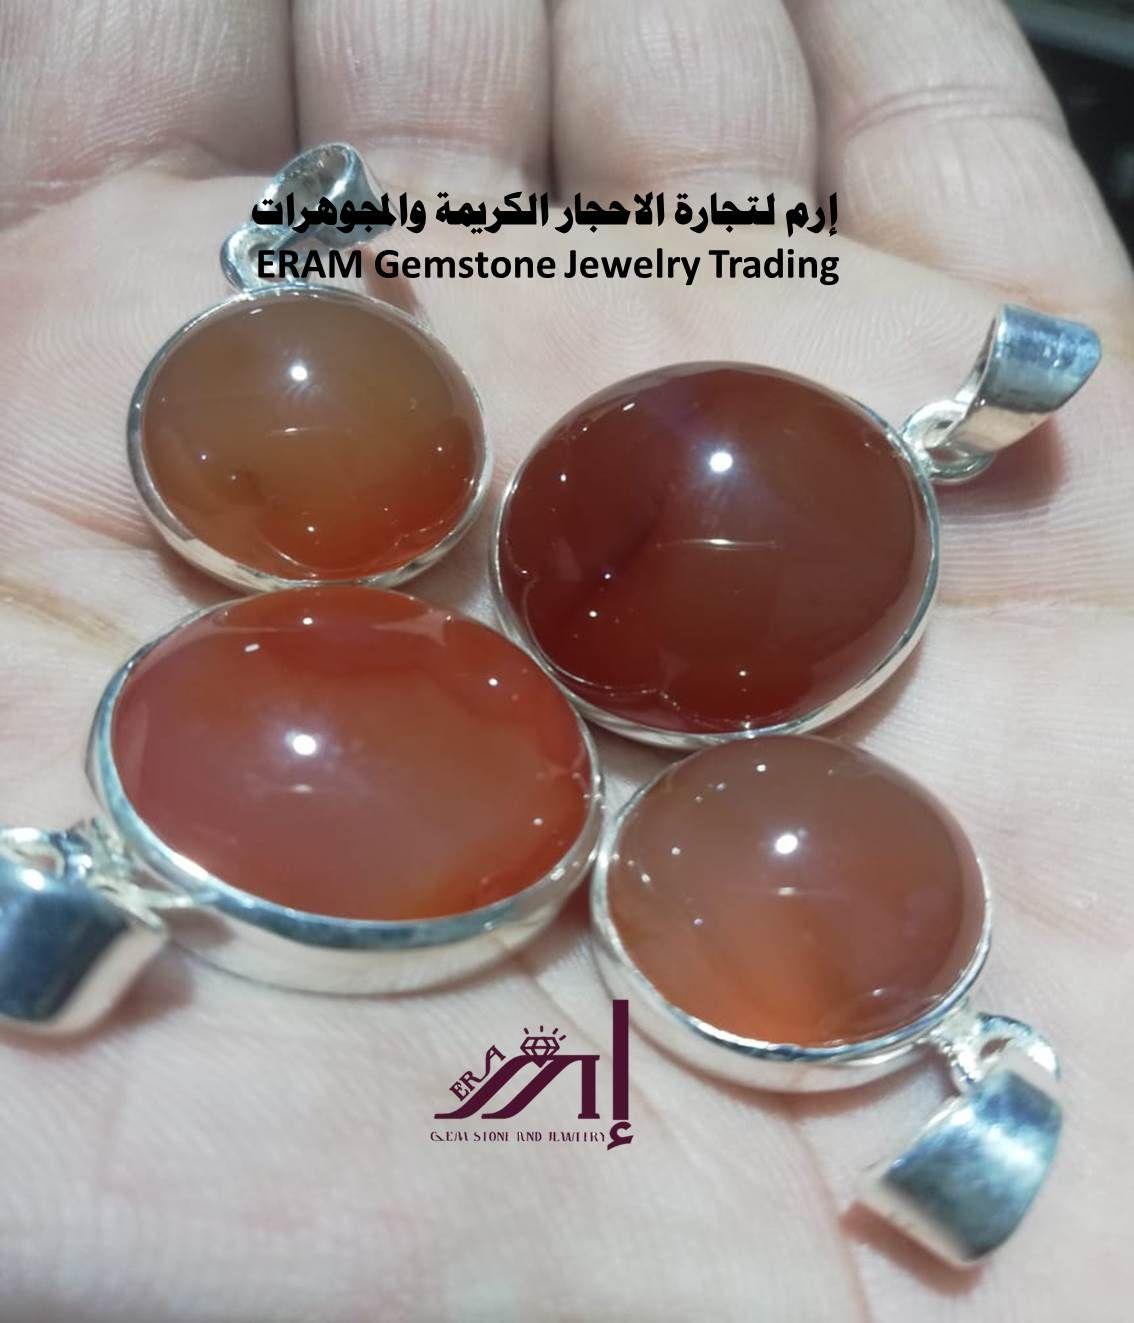 ذوقك يعكس اناقتك اقتني اجمل قلادة نسائي عقيق يمني احمر Agate طبيعي 100 Gemstone Jewelry Gemstones Jewelry